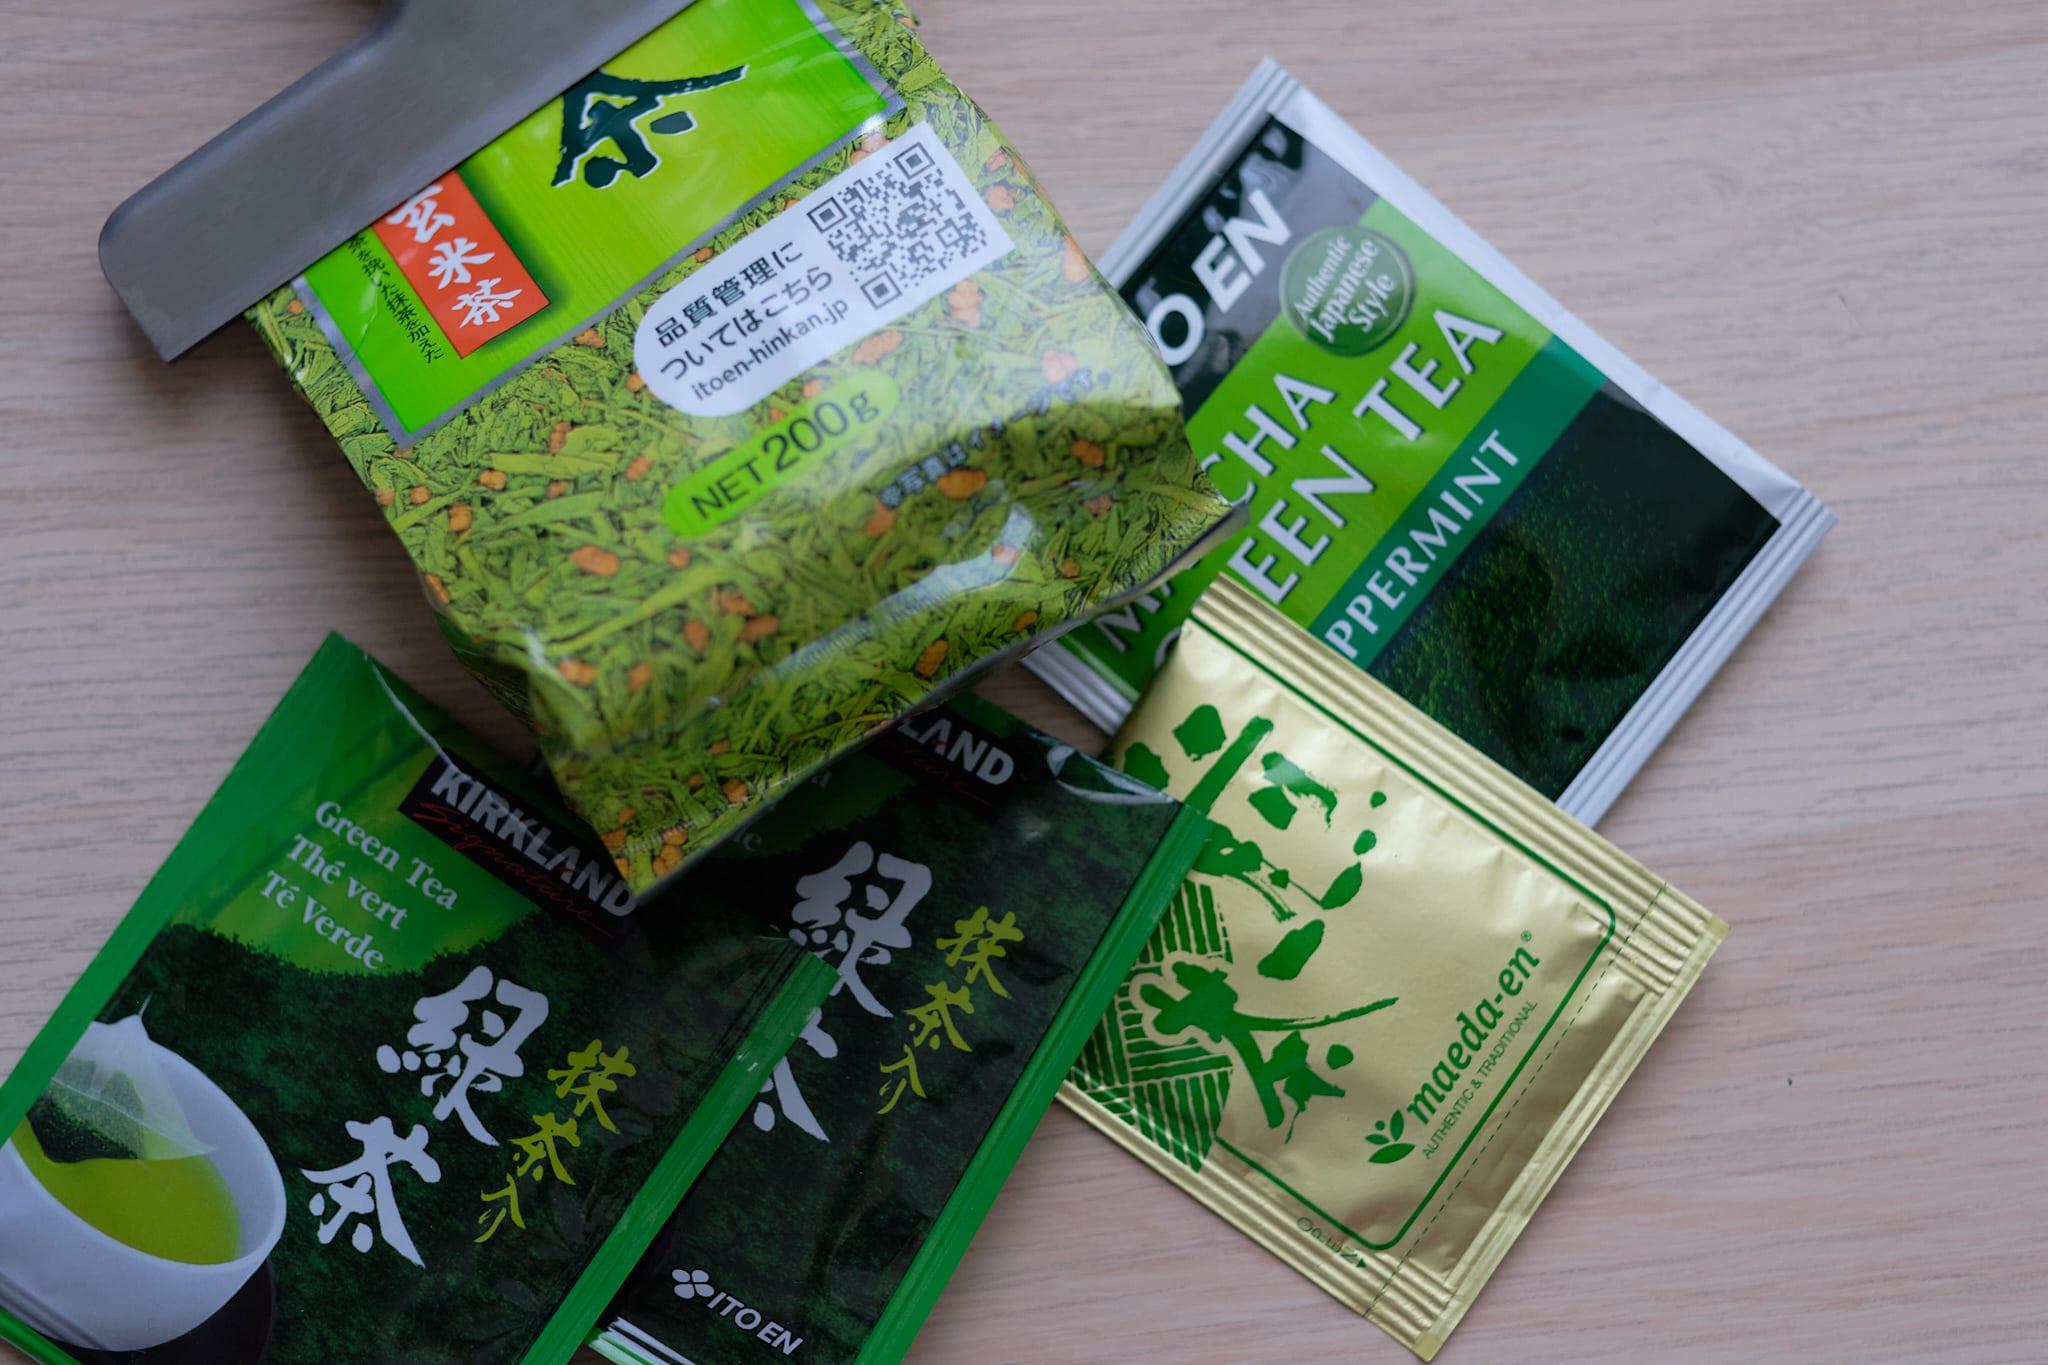 bagged green teas